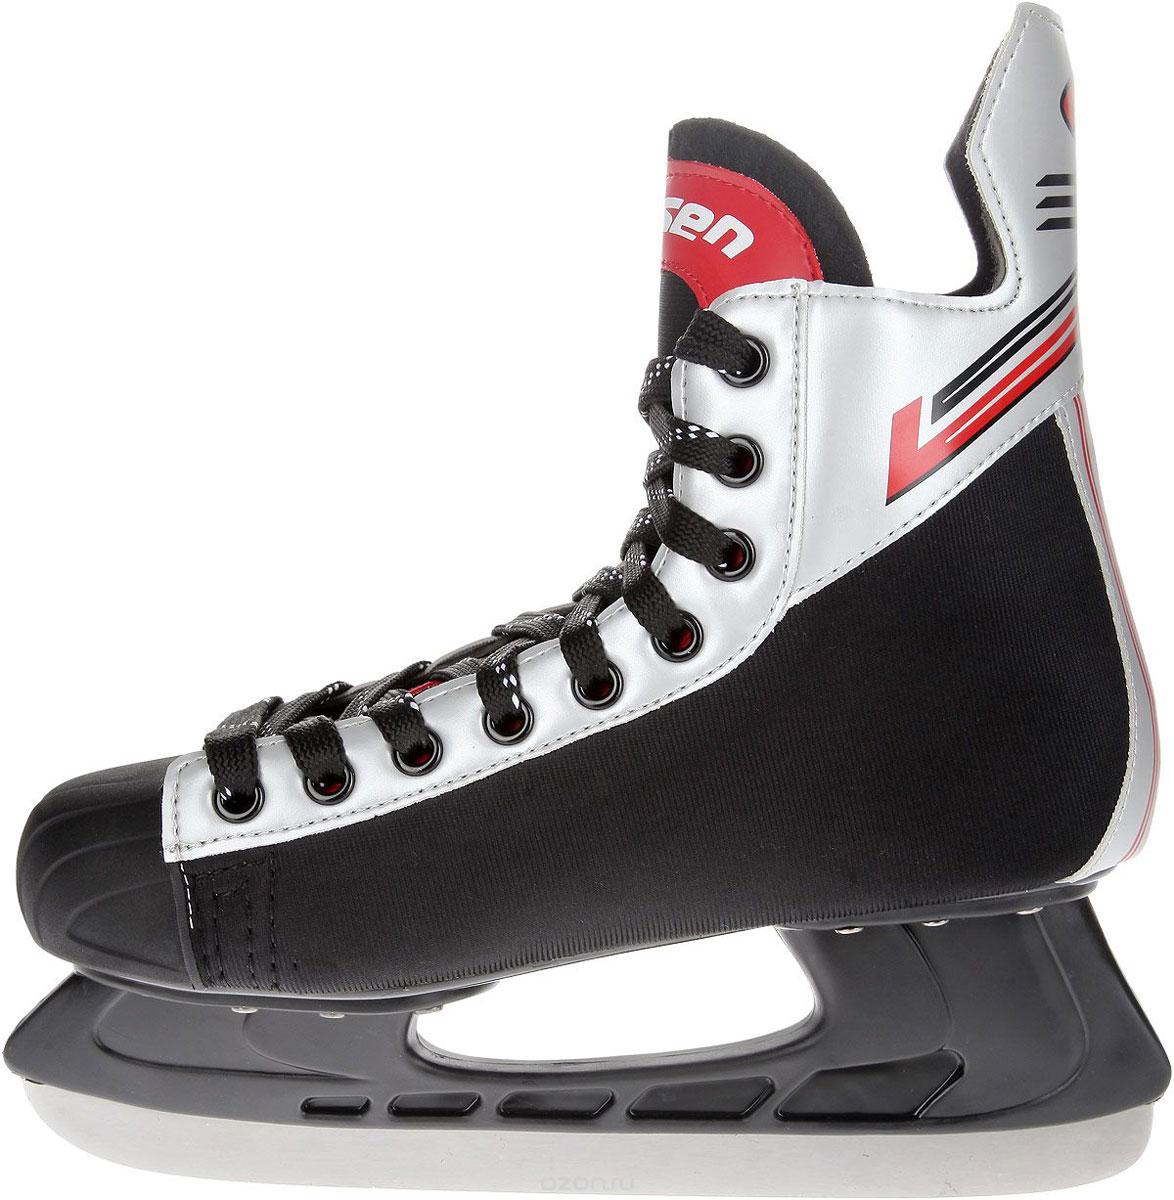 Коньки хоккейные мужские Larsen Alex, цвет: черный, серебристый, красный. Размер 38